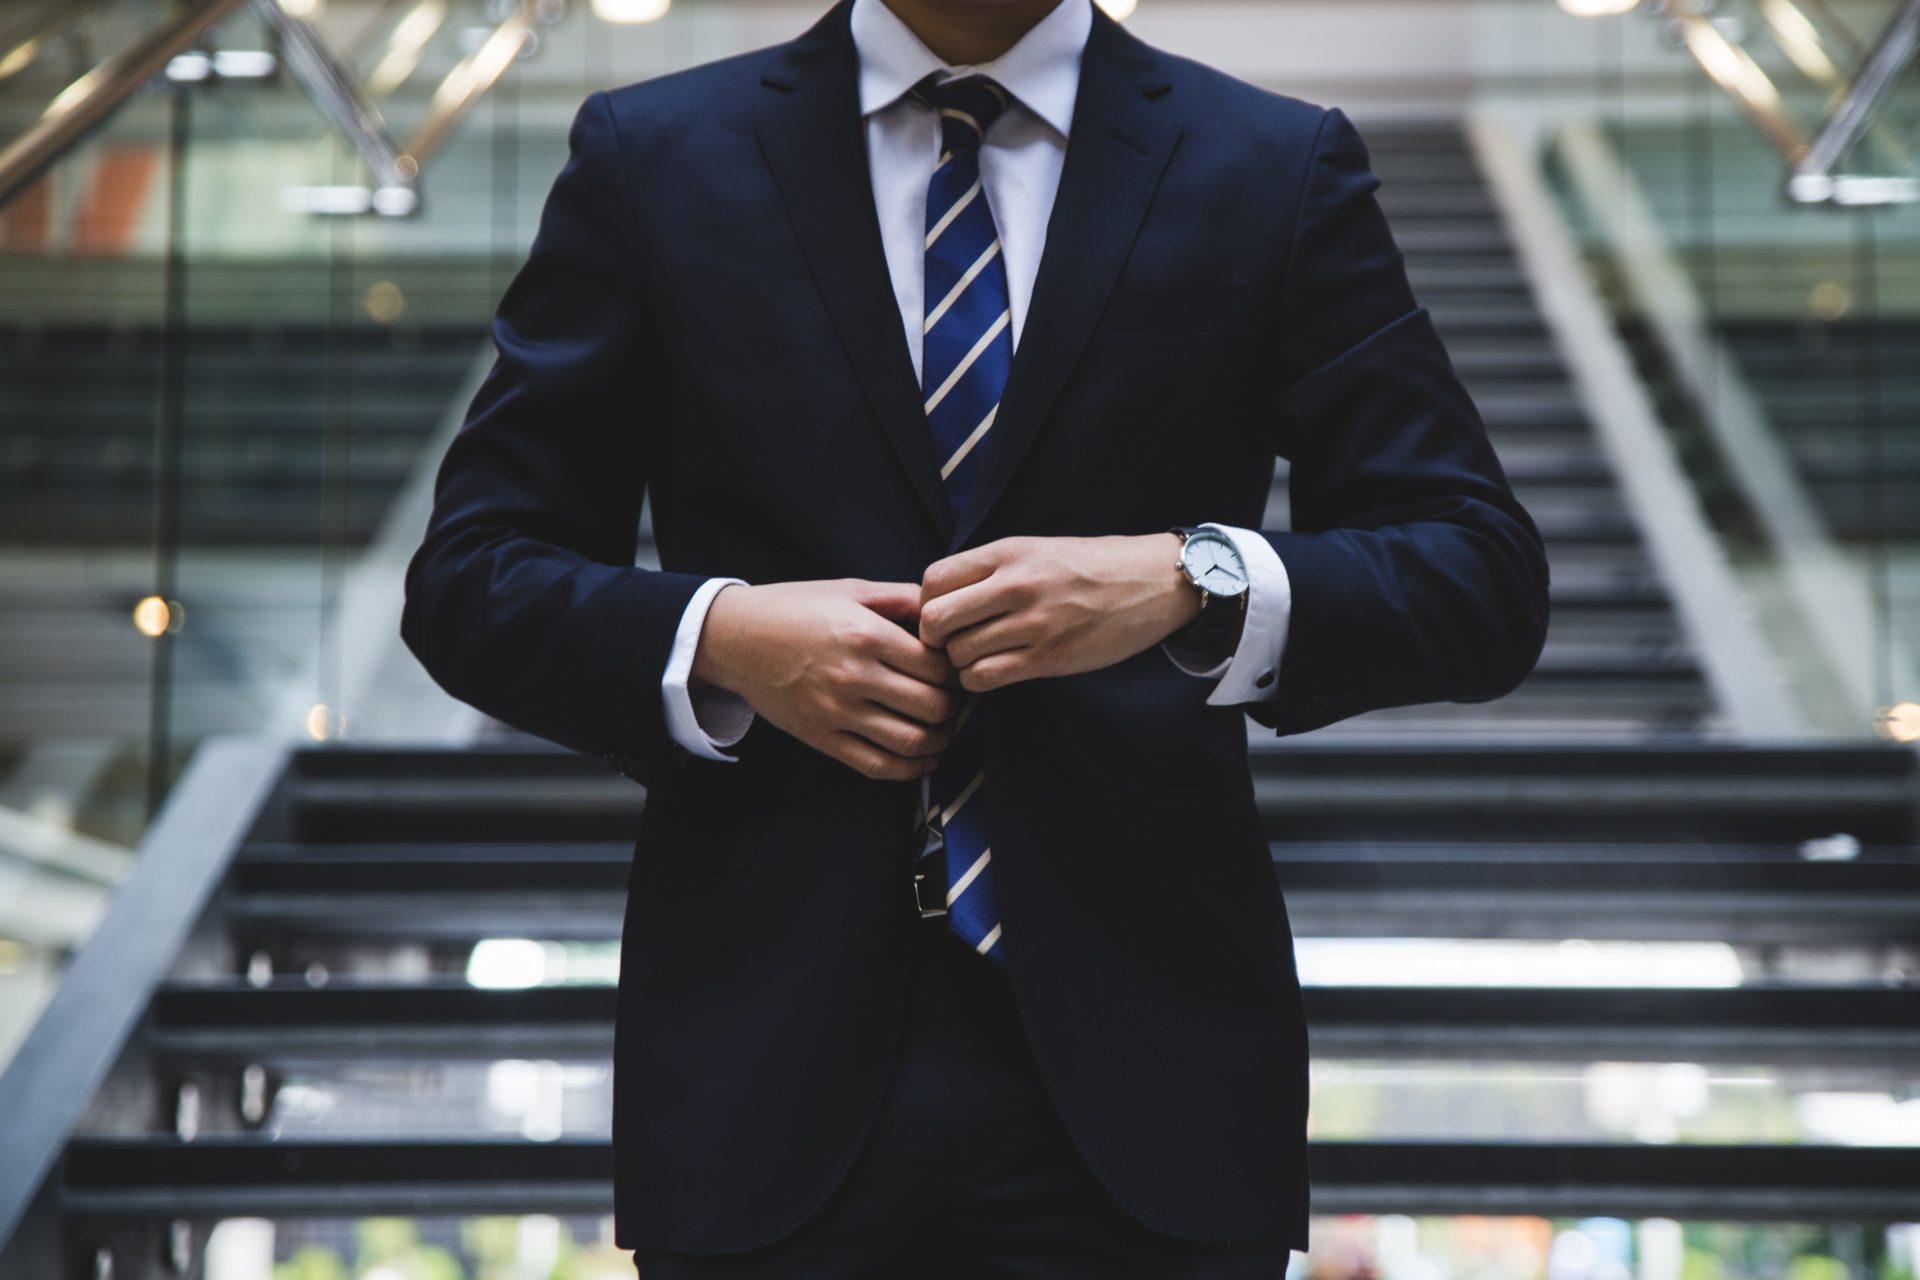 5 erfolgreiche Looks für ein blaues Sakko- im Business oder privat. a84226f903